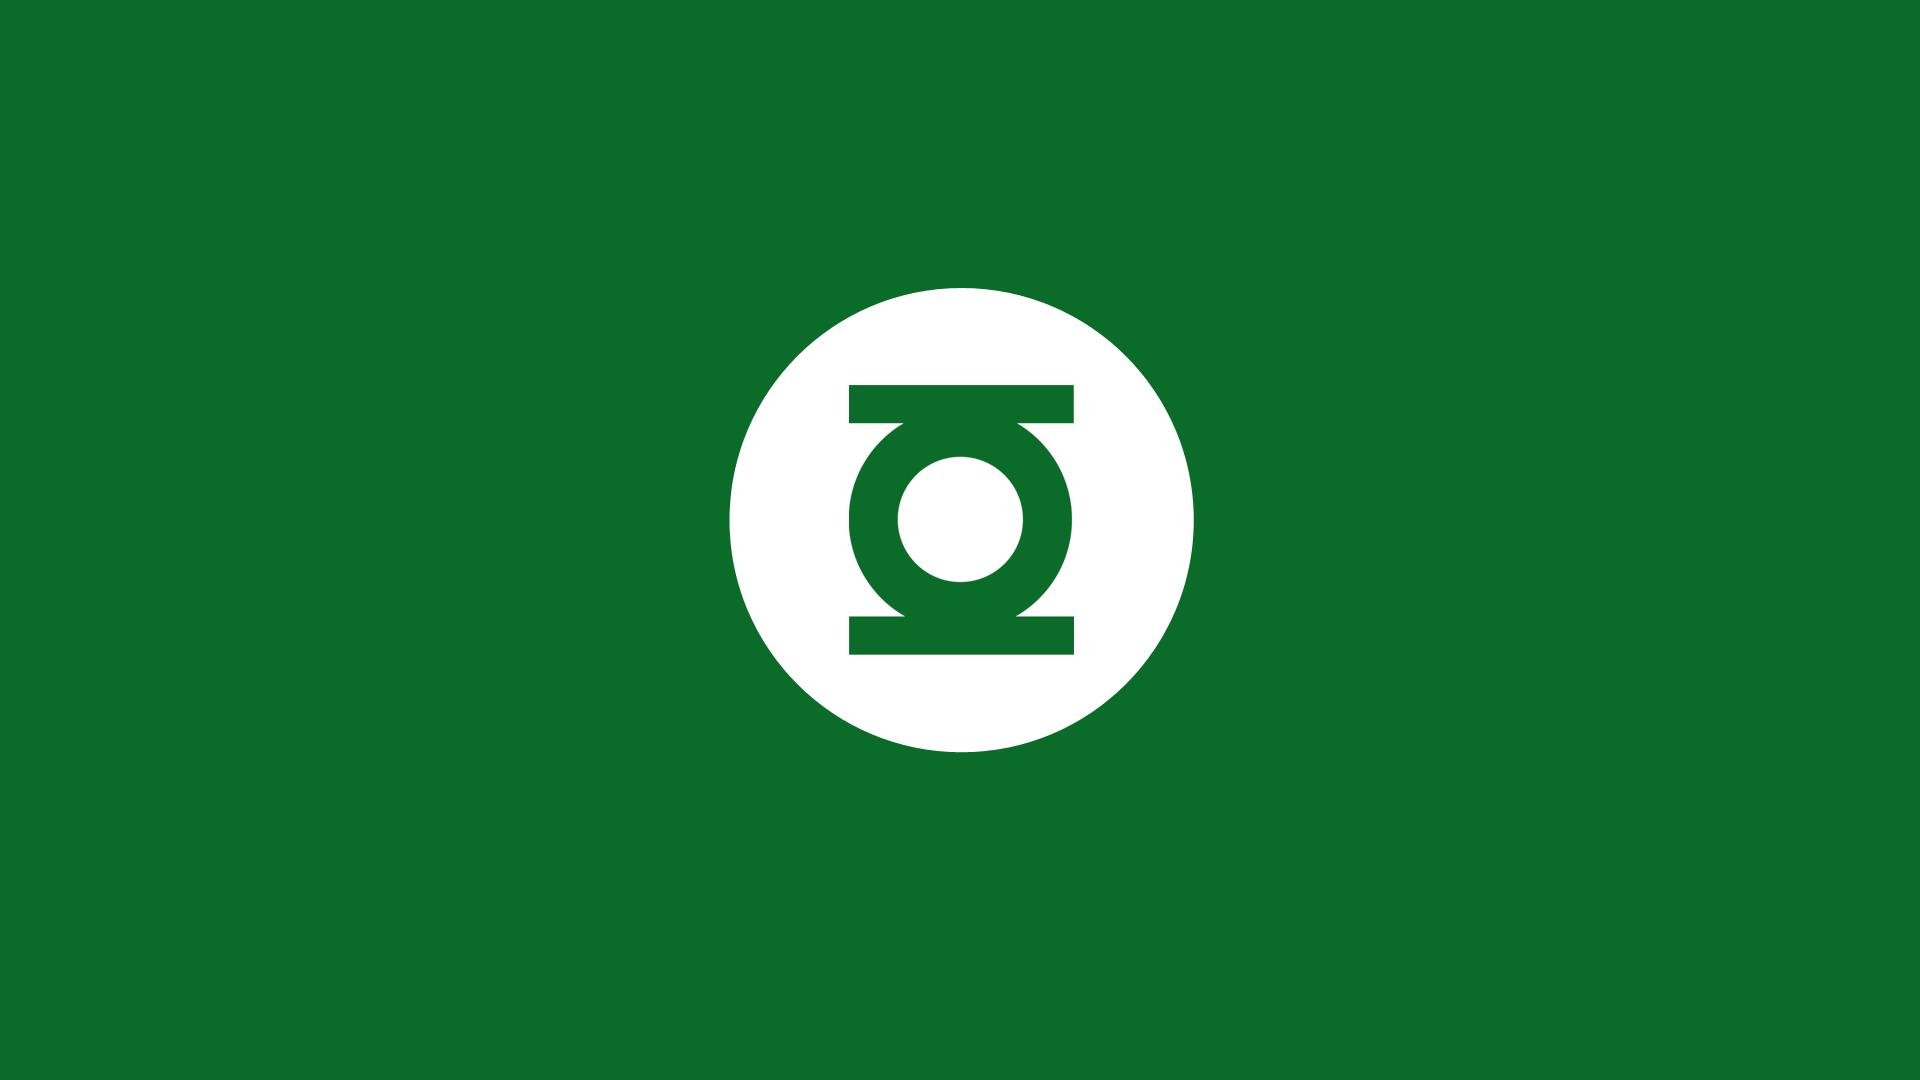 Green Lantern Logo Black  Free image on Pixabay